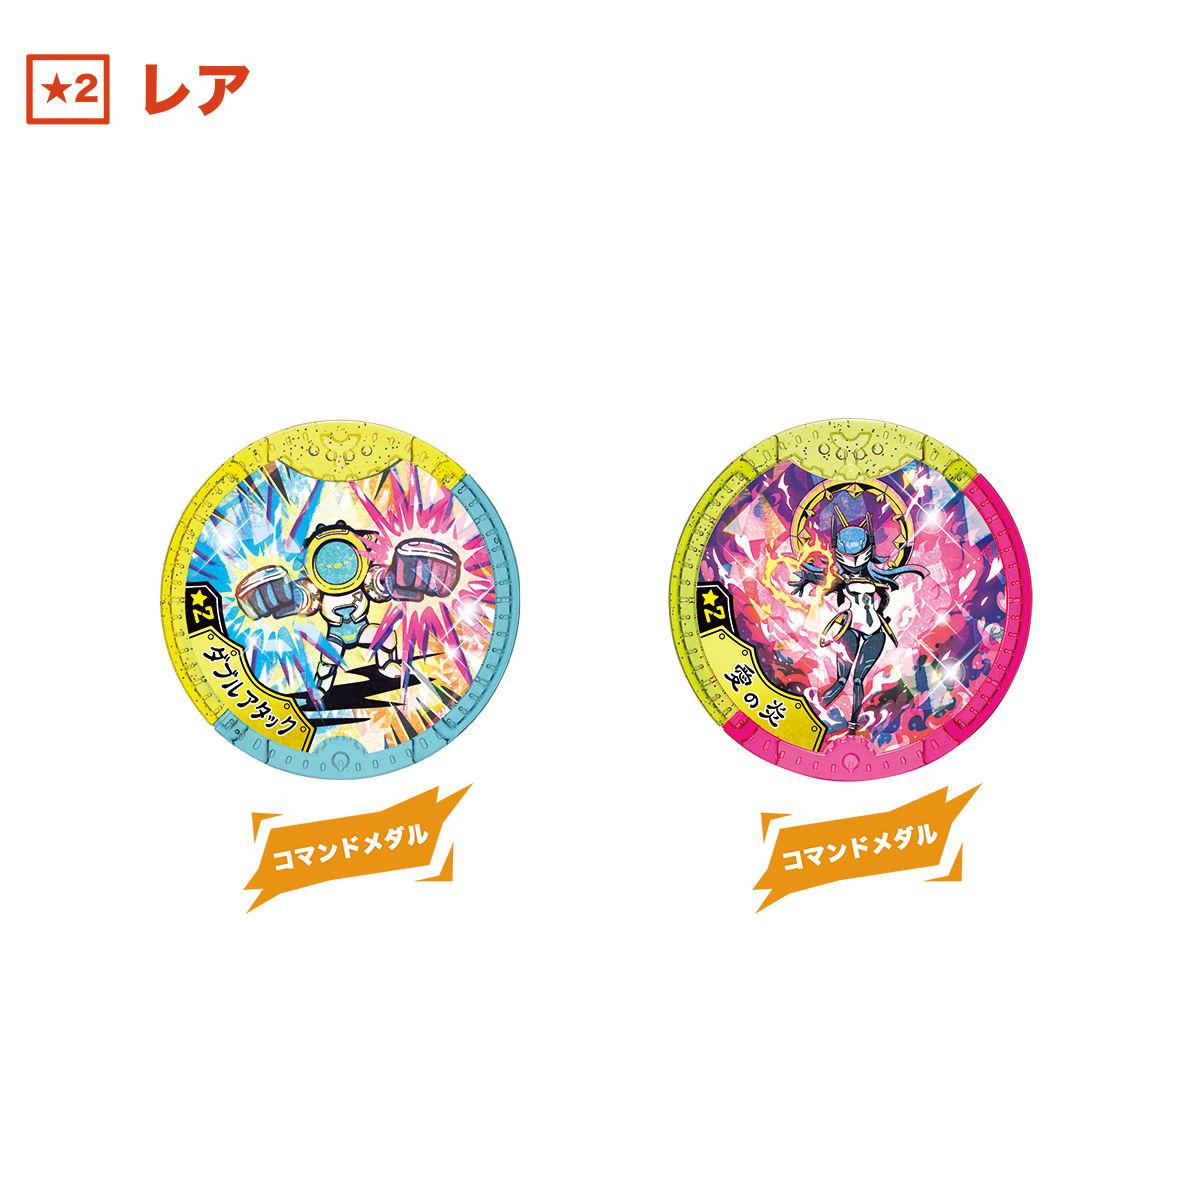 妖怪Yメダル アルティメットレボリューション!